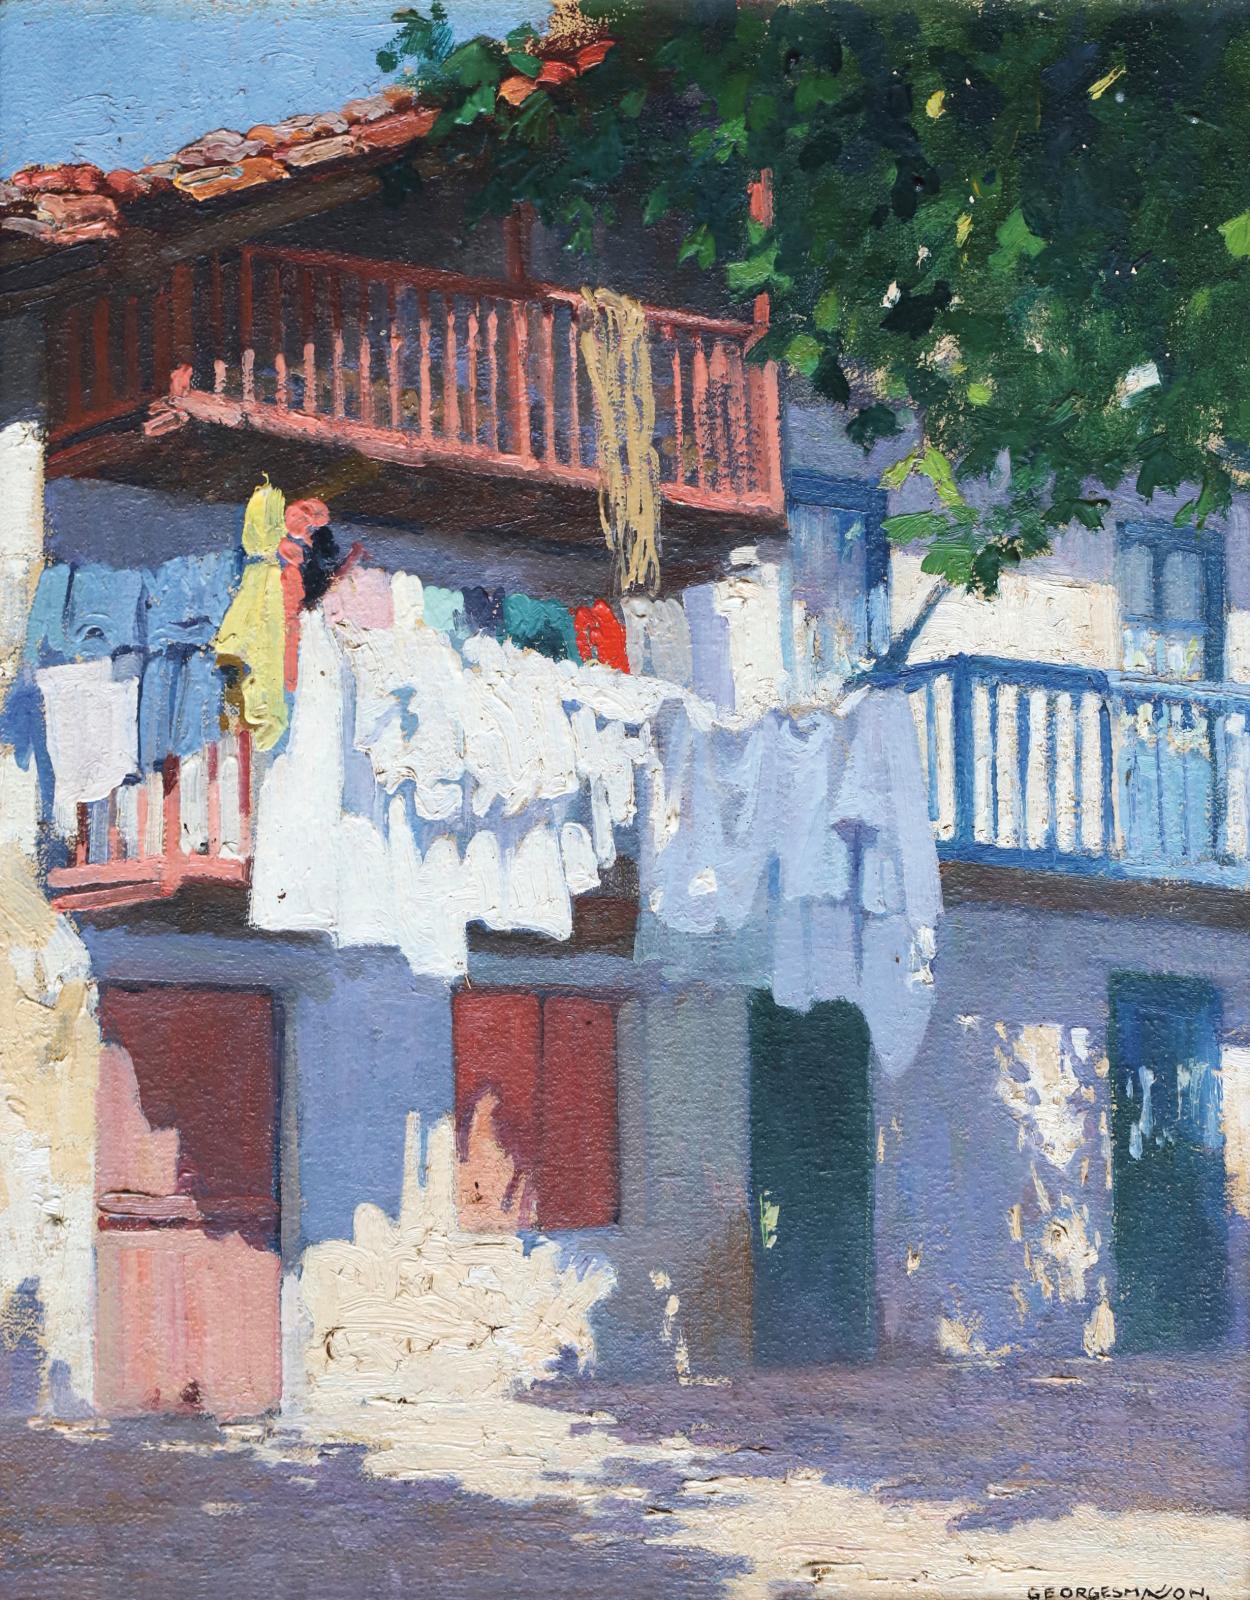 Georges Masson (1875-1948), Pays basque, façades ensoleillées, huile sur toile signée en bas à droite, 41x32,8cm. Estimation: 3000/4